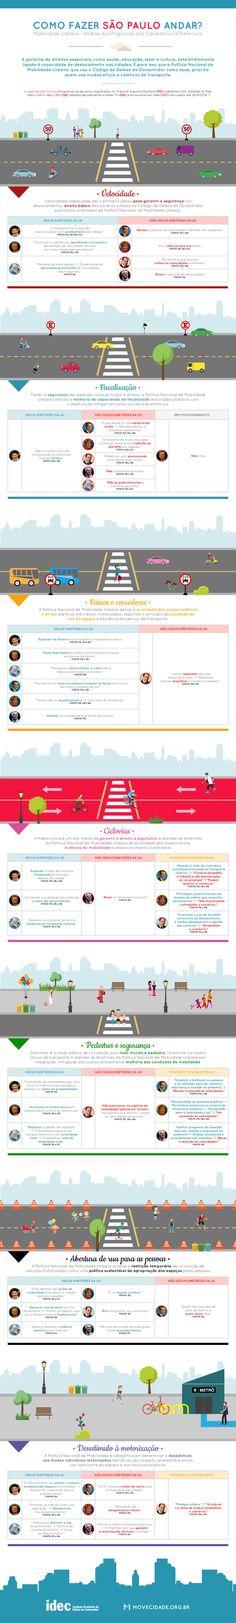 Infografico mostra se propostas de candidatos a prefeito de sp sobre mobilidade estao de acordo com a lei   MoveCidade